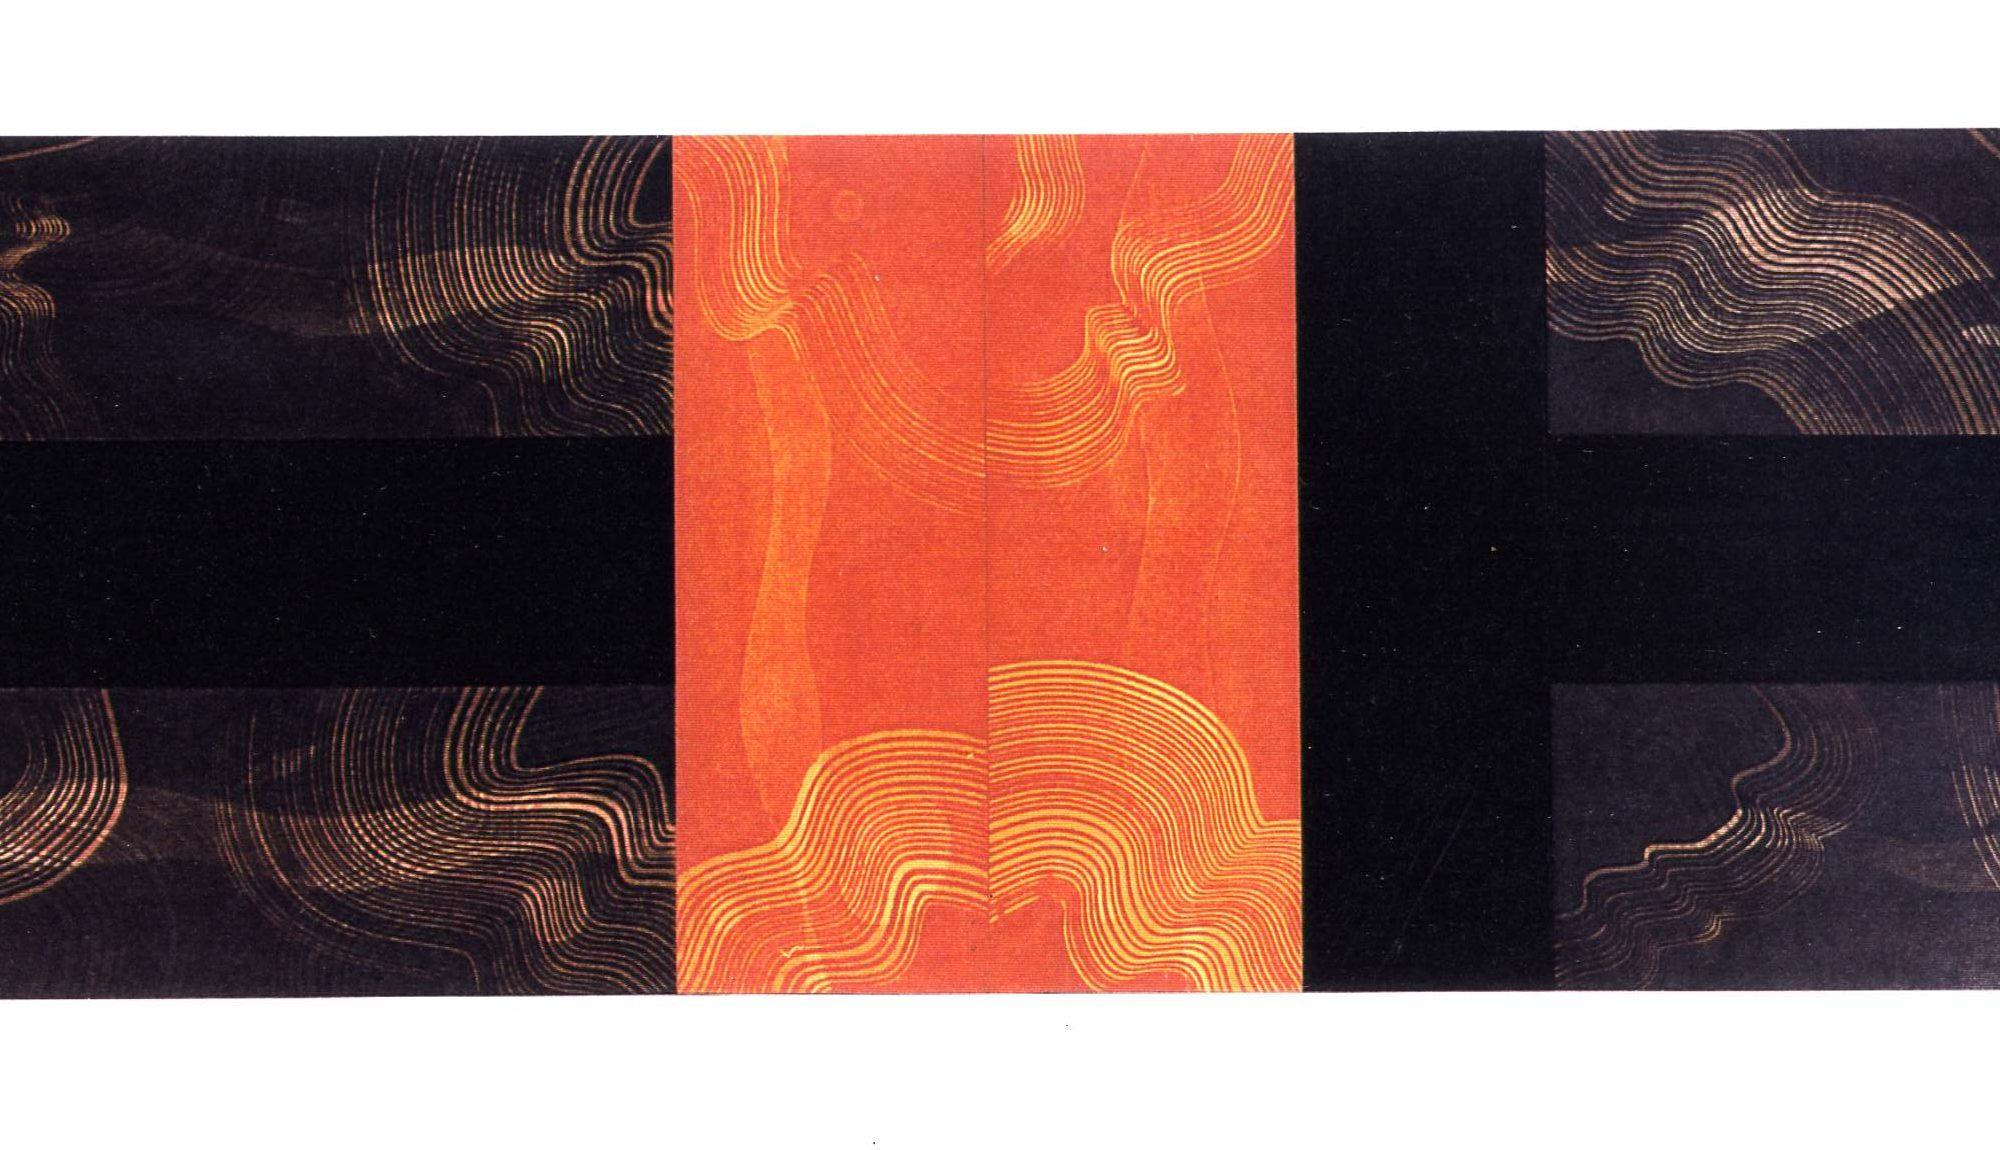 O.T., Graphit, Pigmente, Wachs auf Pappe u. auf Holz, 70 x 230 cm